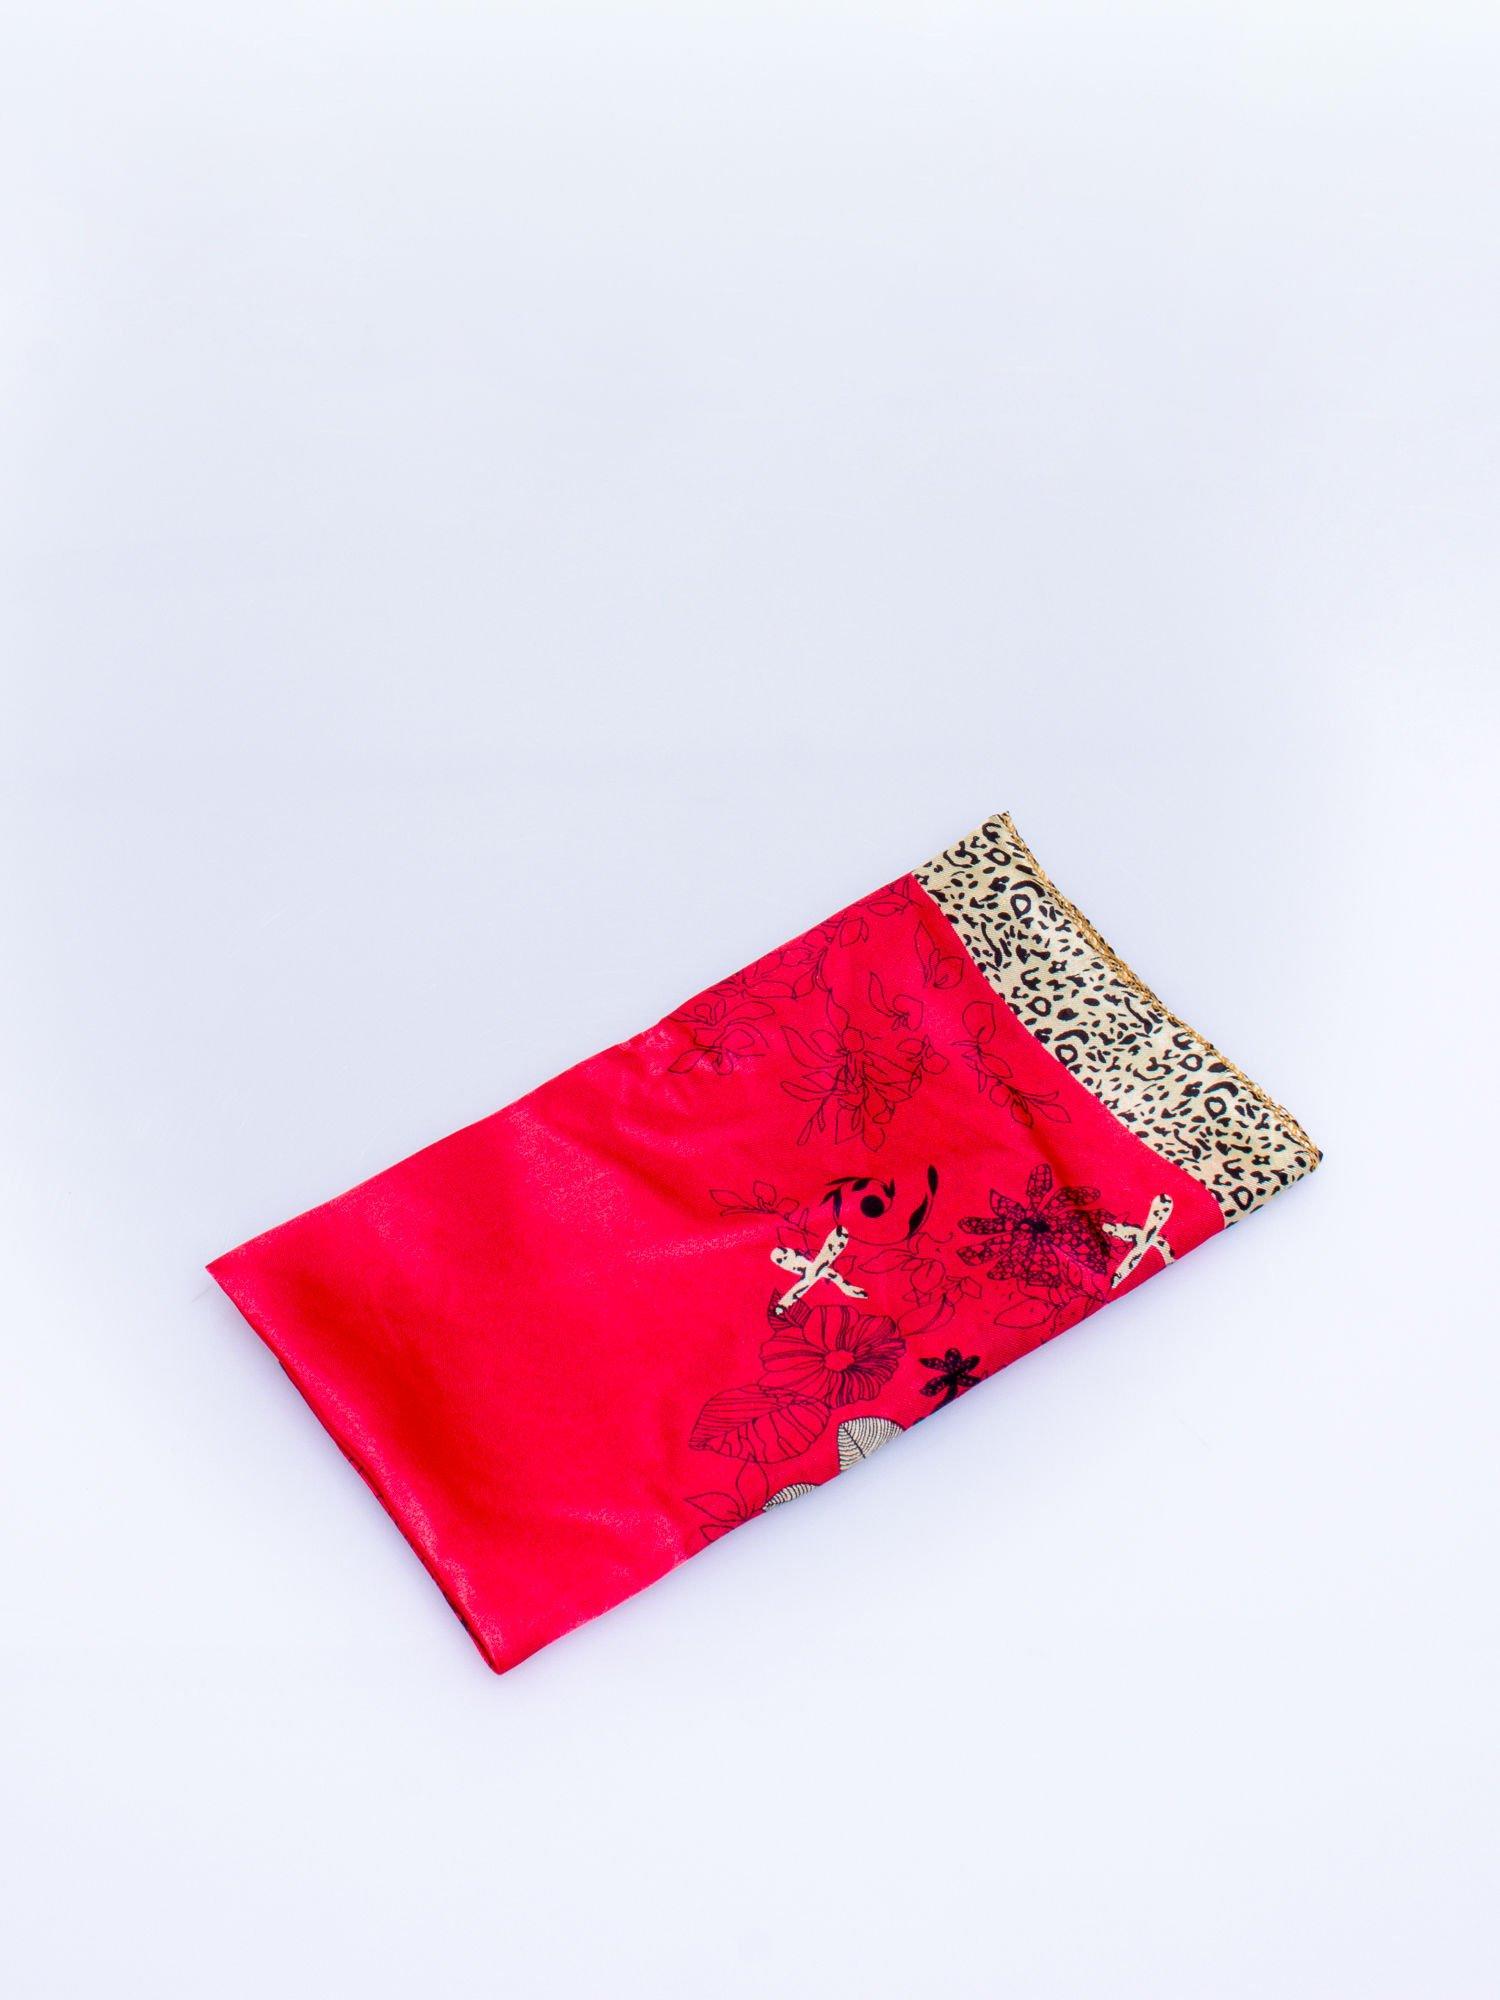 db62592a9eef2b Czerwona chusta apaszka z pasem w cętki panterki - Akcesoria chusta ...